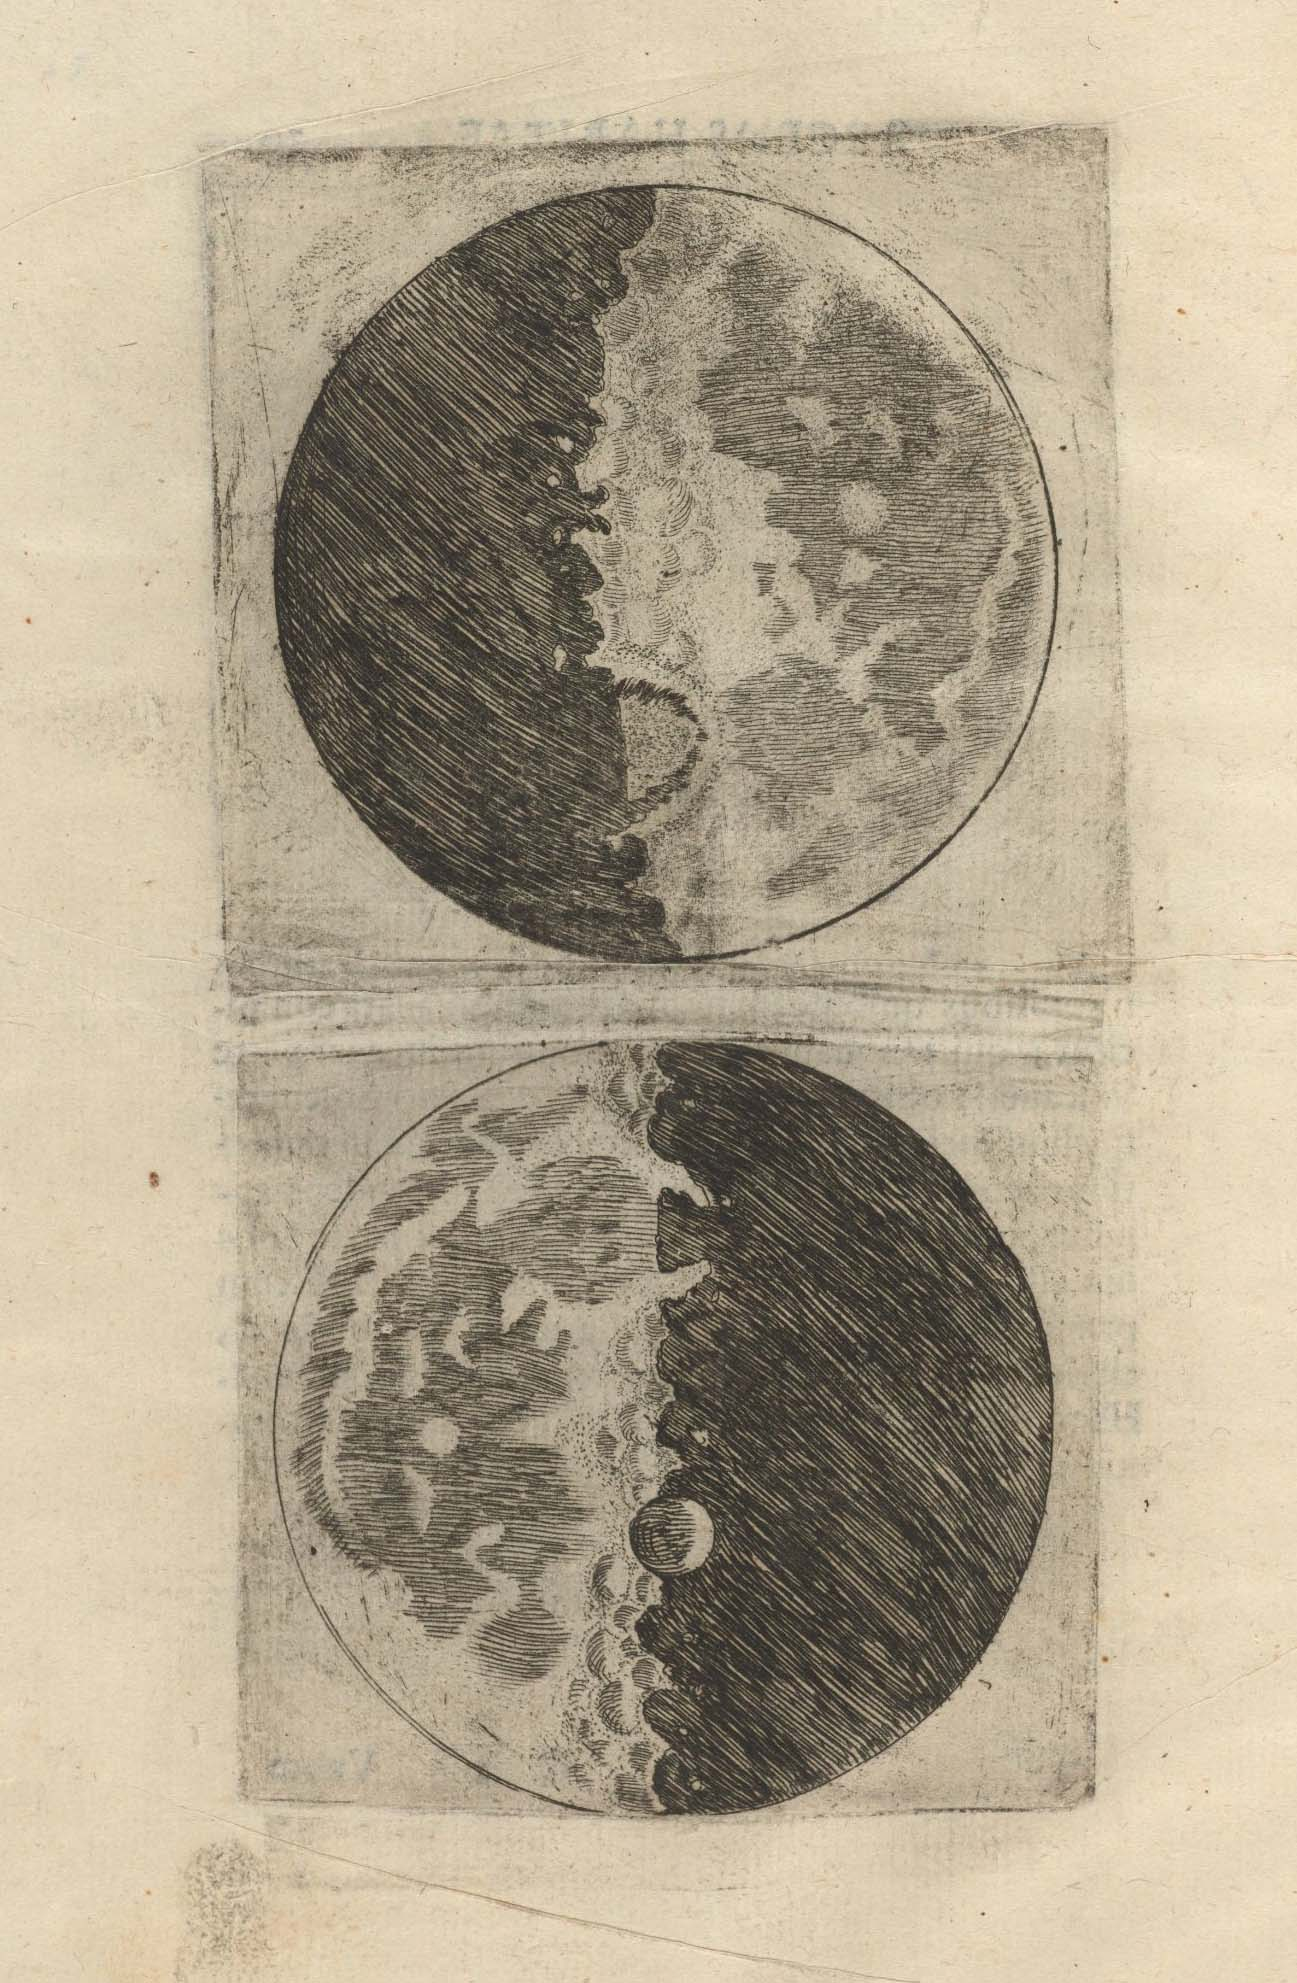 Galilei, Galileo. Sidereus Nuncius, 1610. Leaf 10 verso. IC6.G1333.610sa